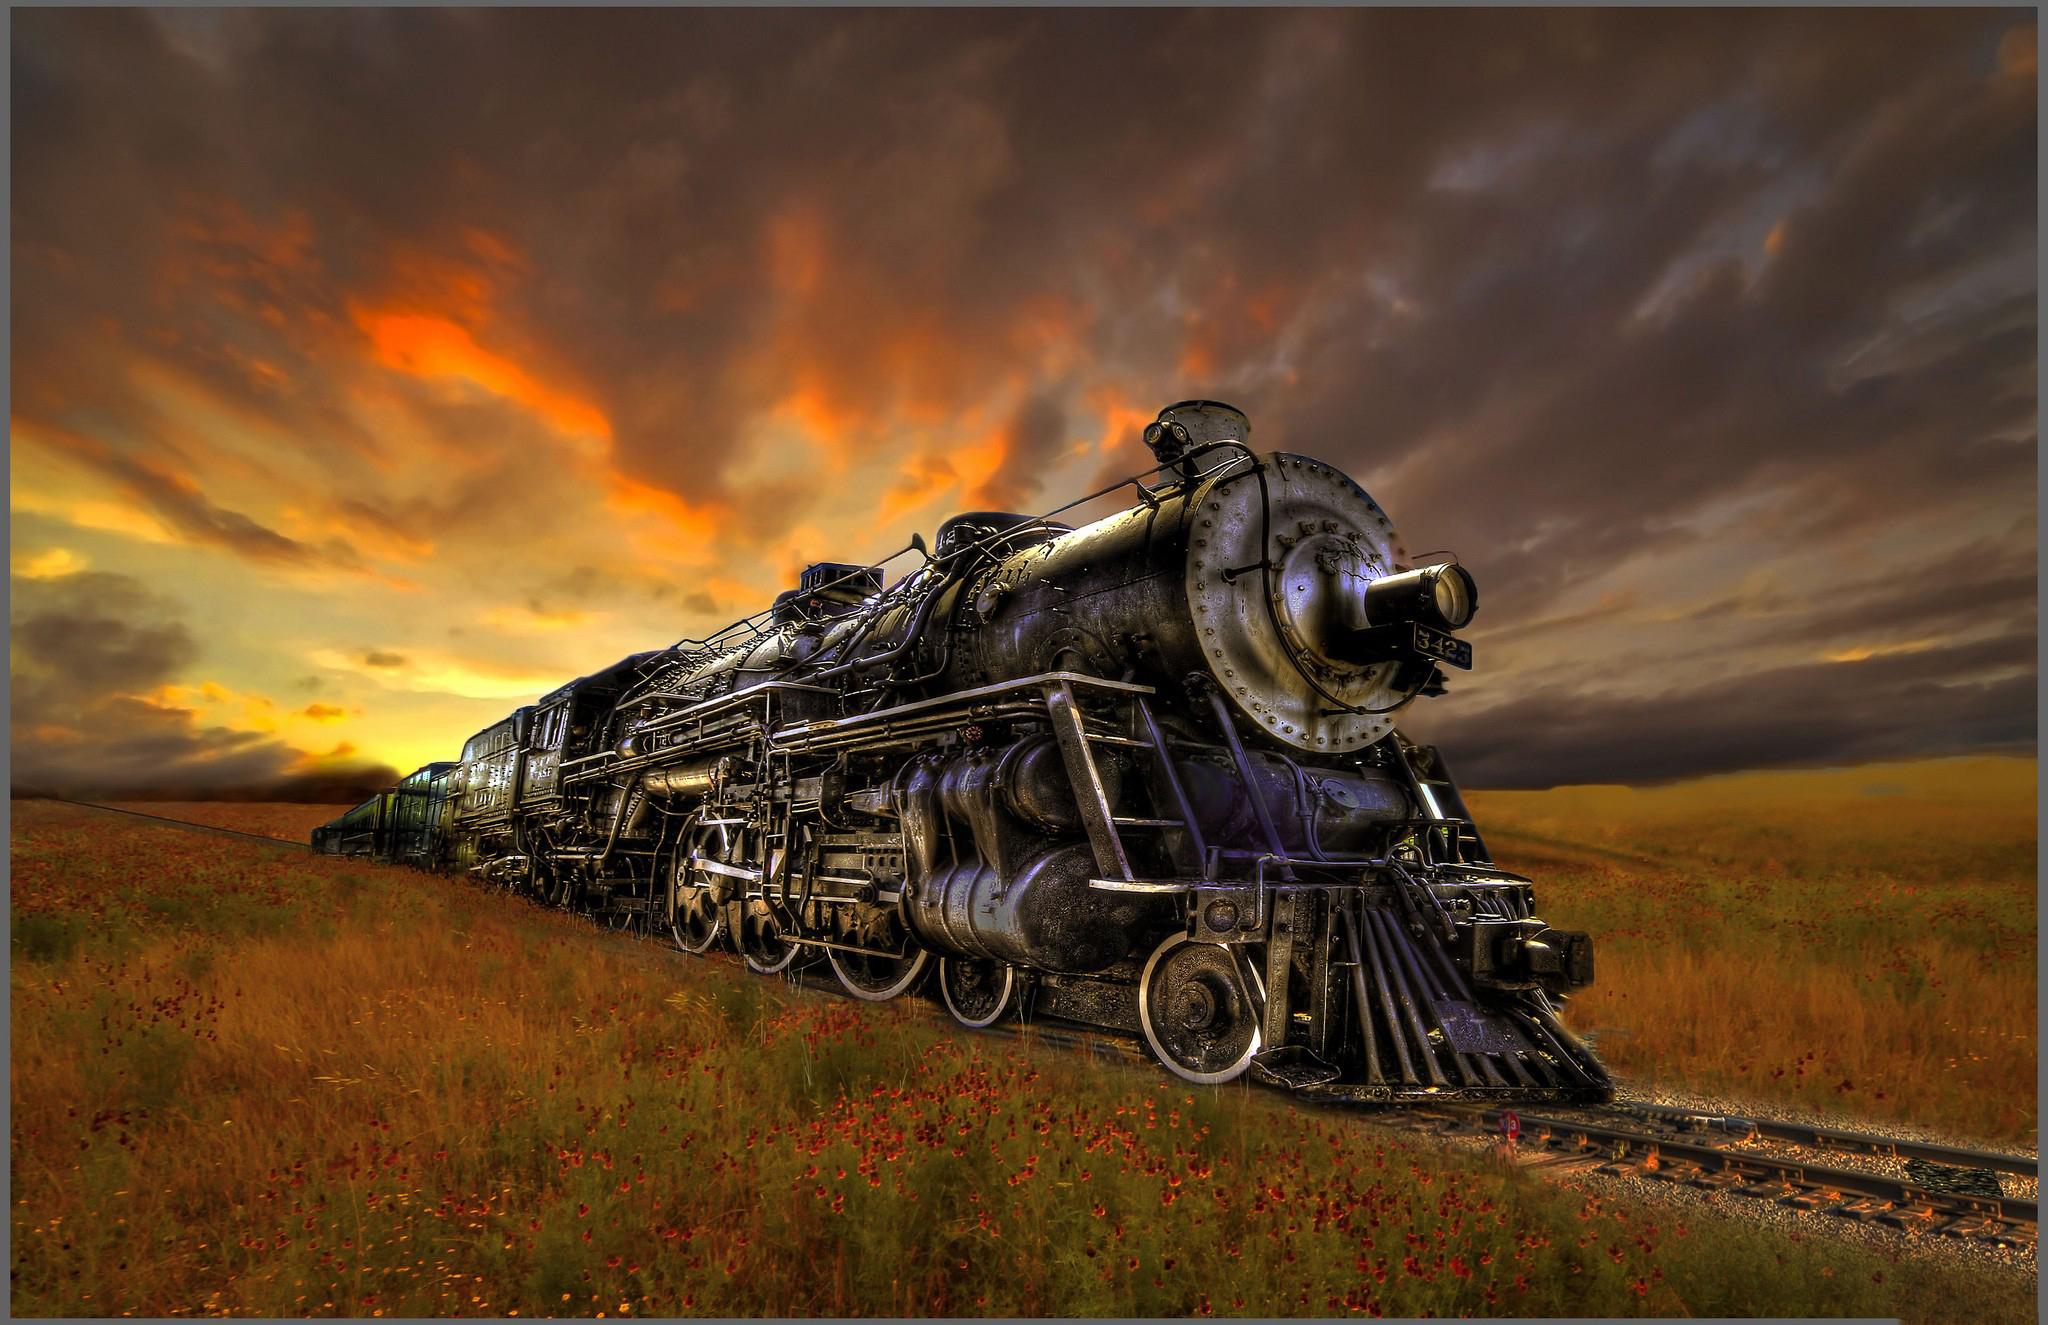 Картинка с машиной железной дорогой